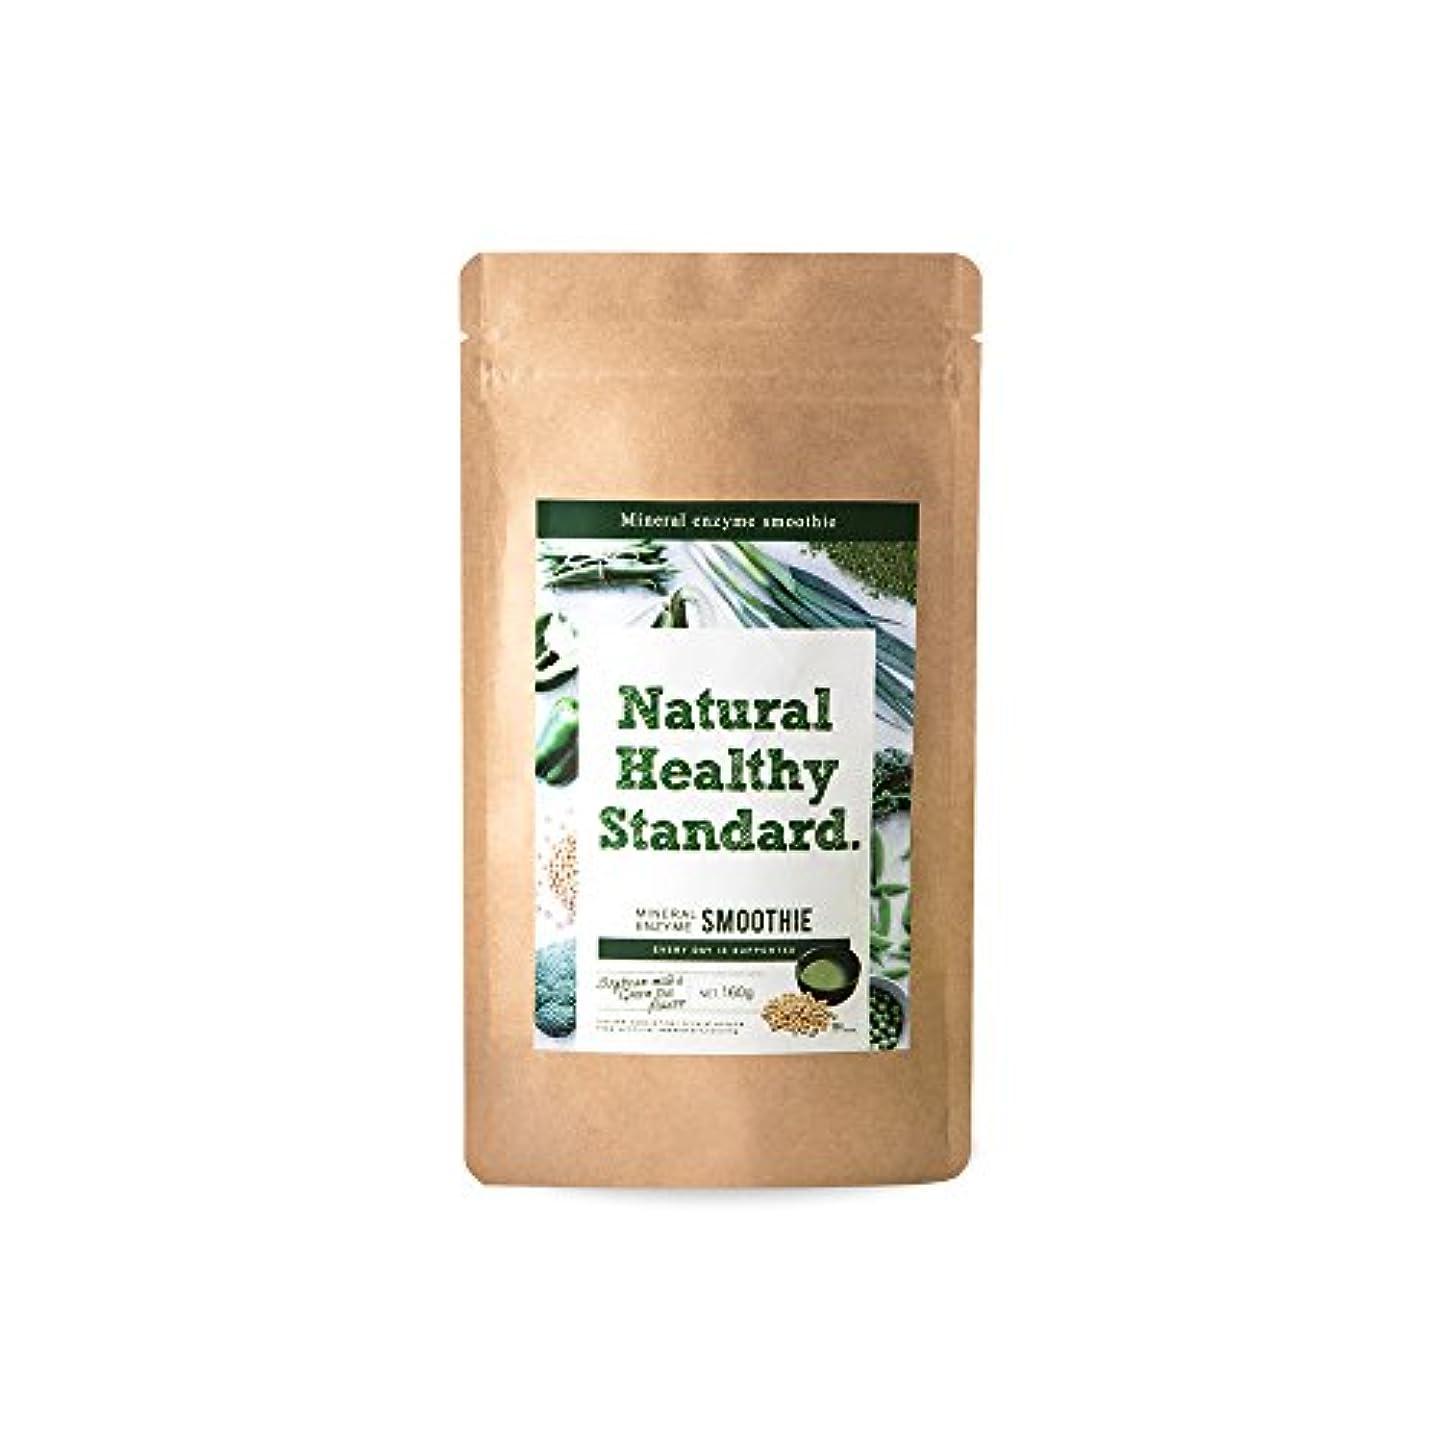 バースト工夫するインシデントNaturalHealthyStandard(ナチュラルヘルシースタンダード) ミネラル酵素グリーンスムージー 豆乳抹茶味 160g